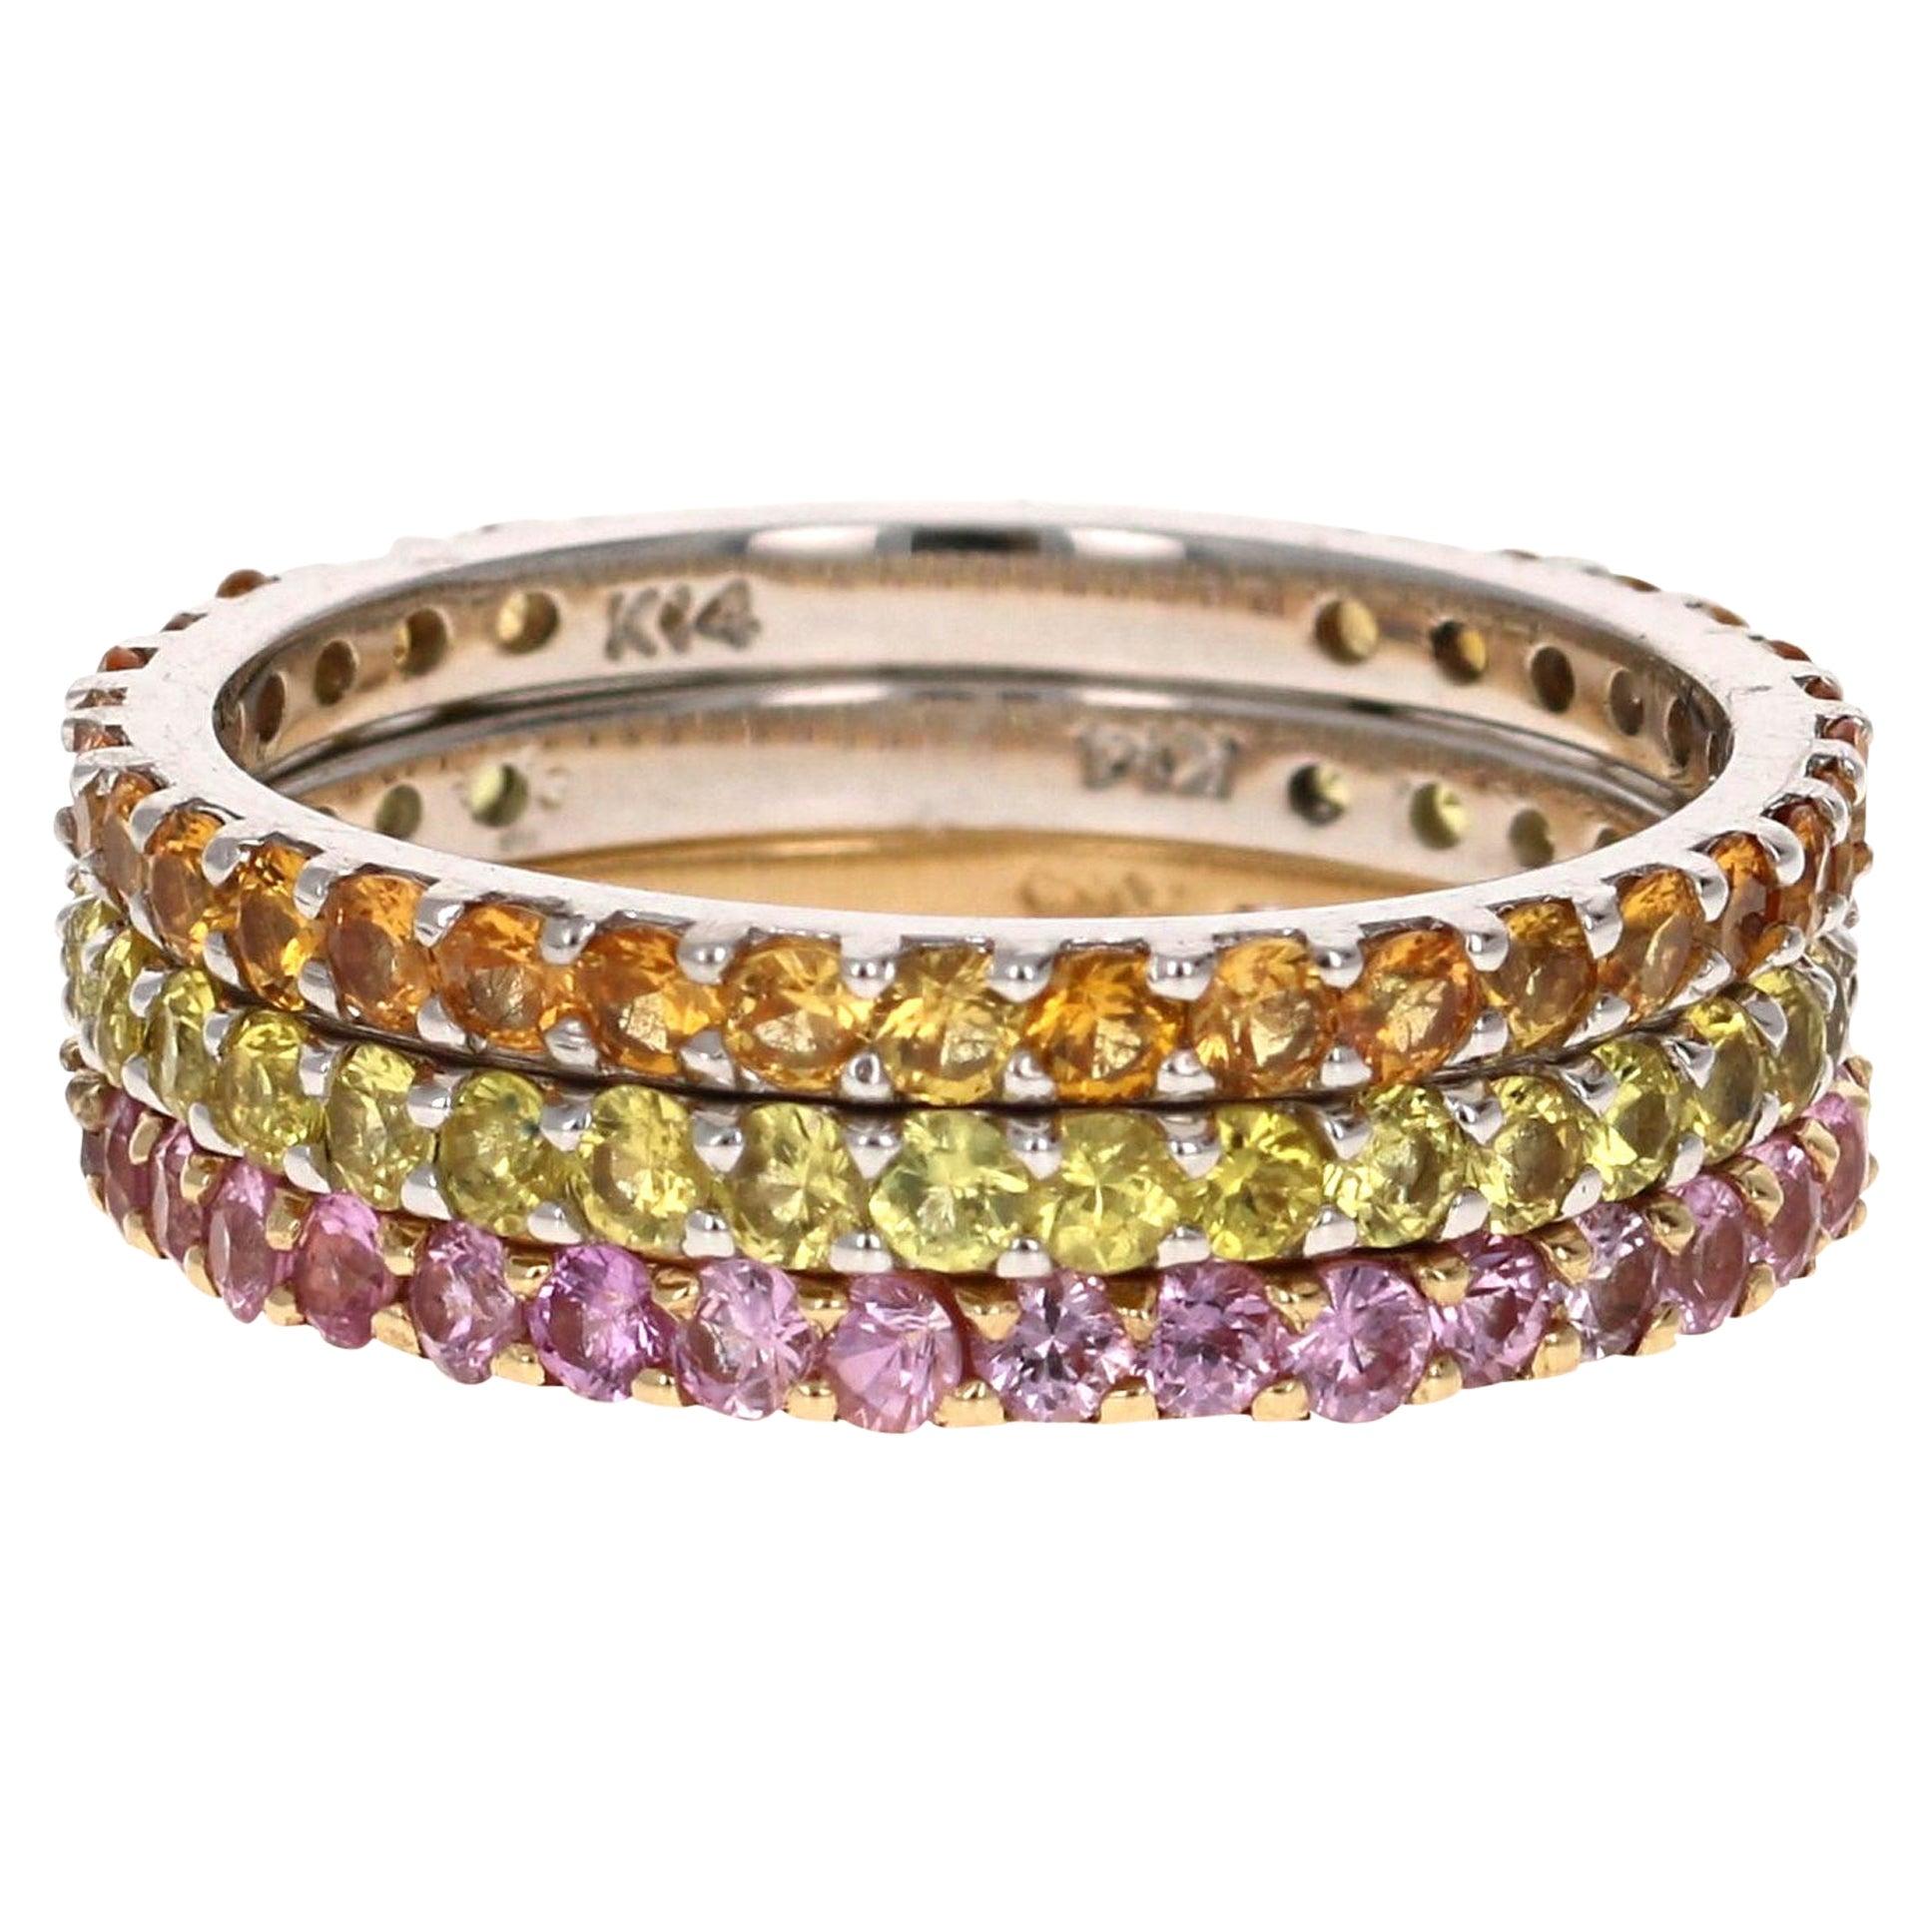 2.82 Carat Round Cut Sapphire 14 Karat Gold Stackable Bands